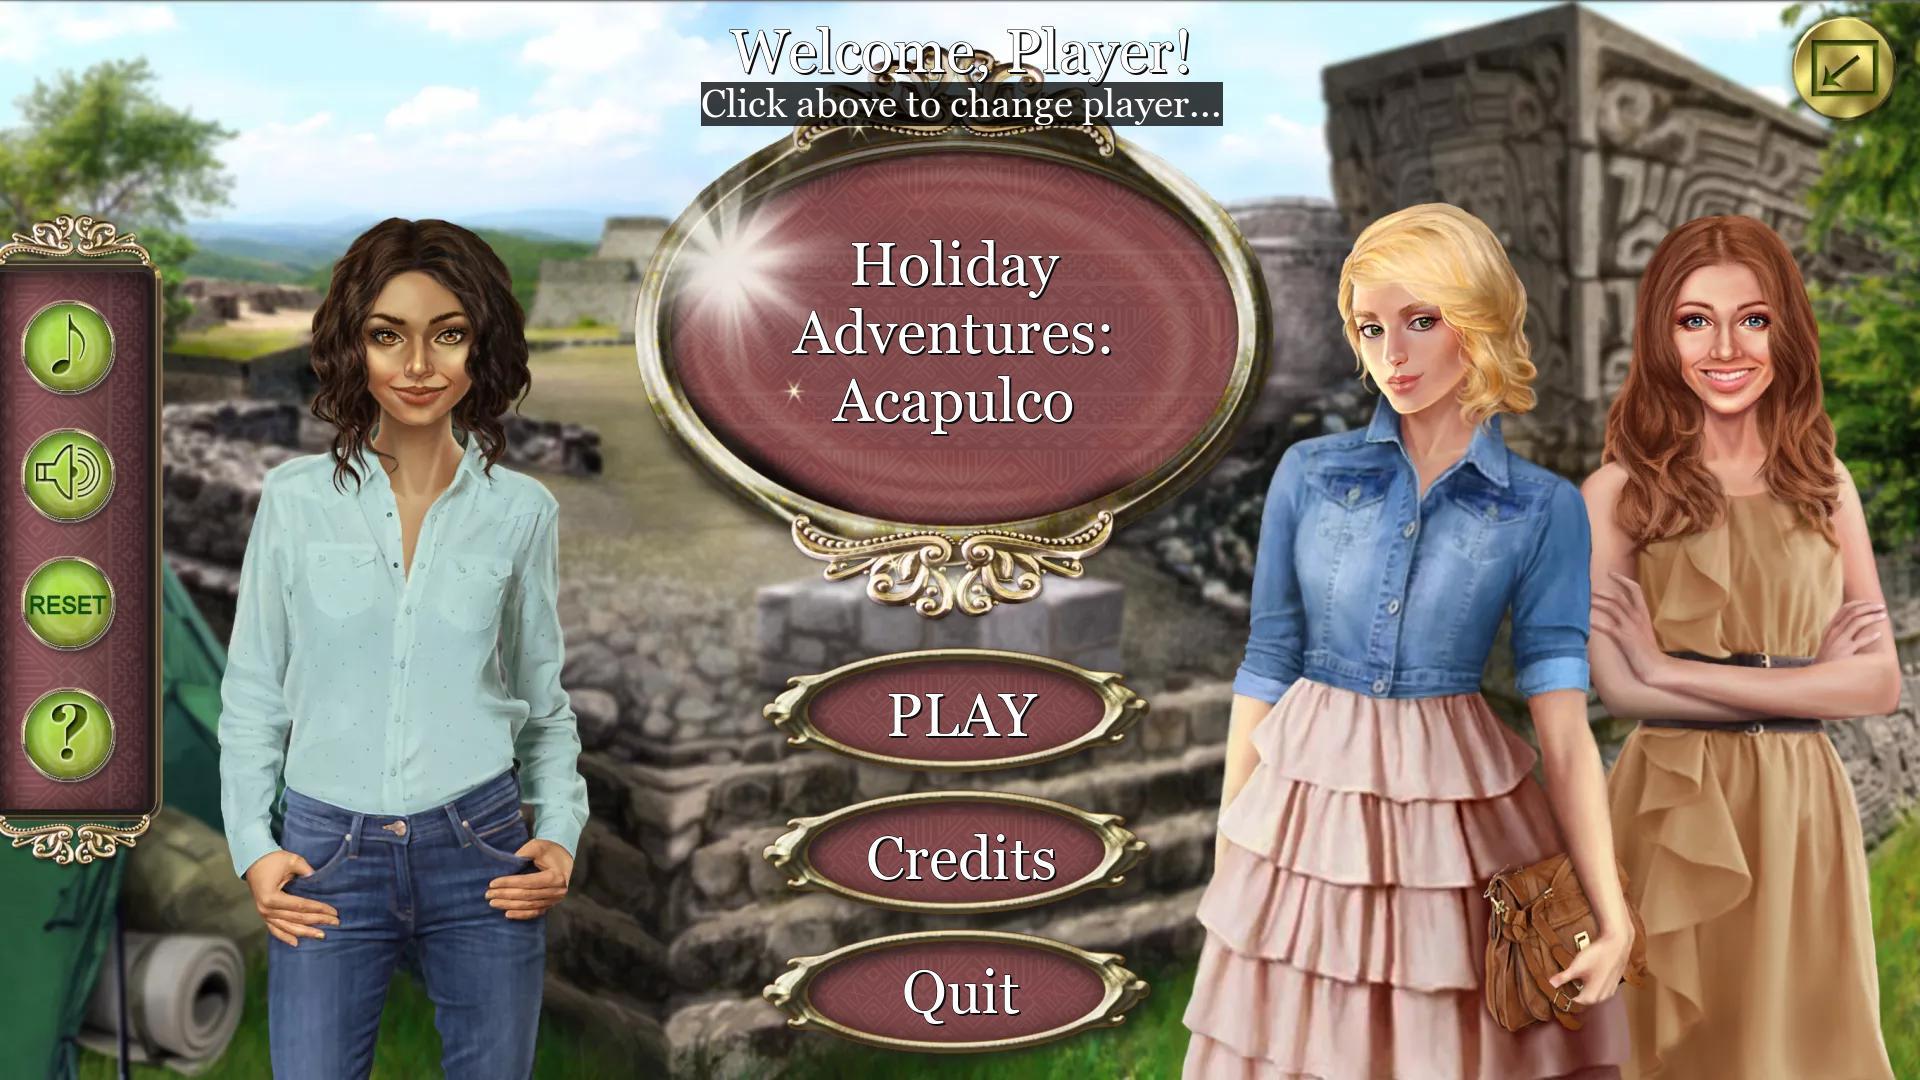 假期冒险:阿卡普尔科 游戏截图